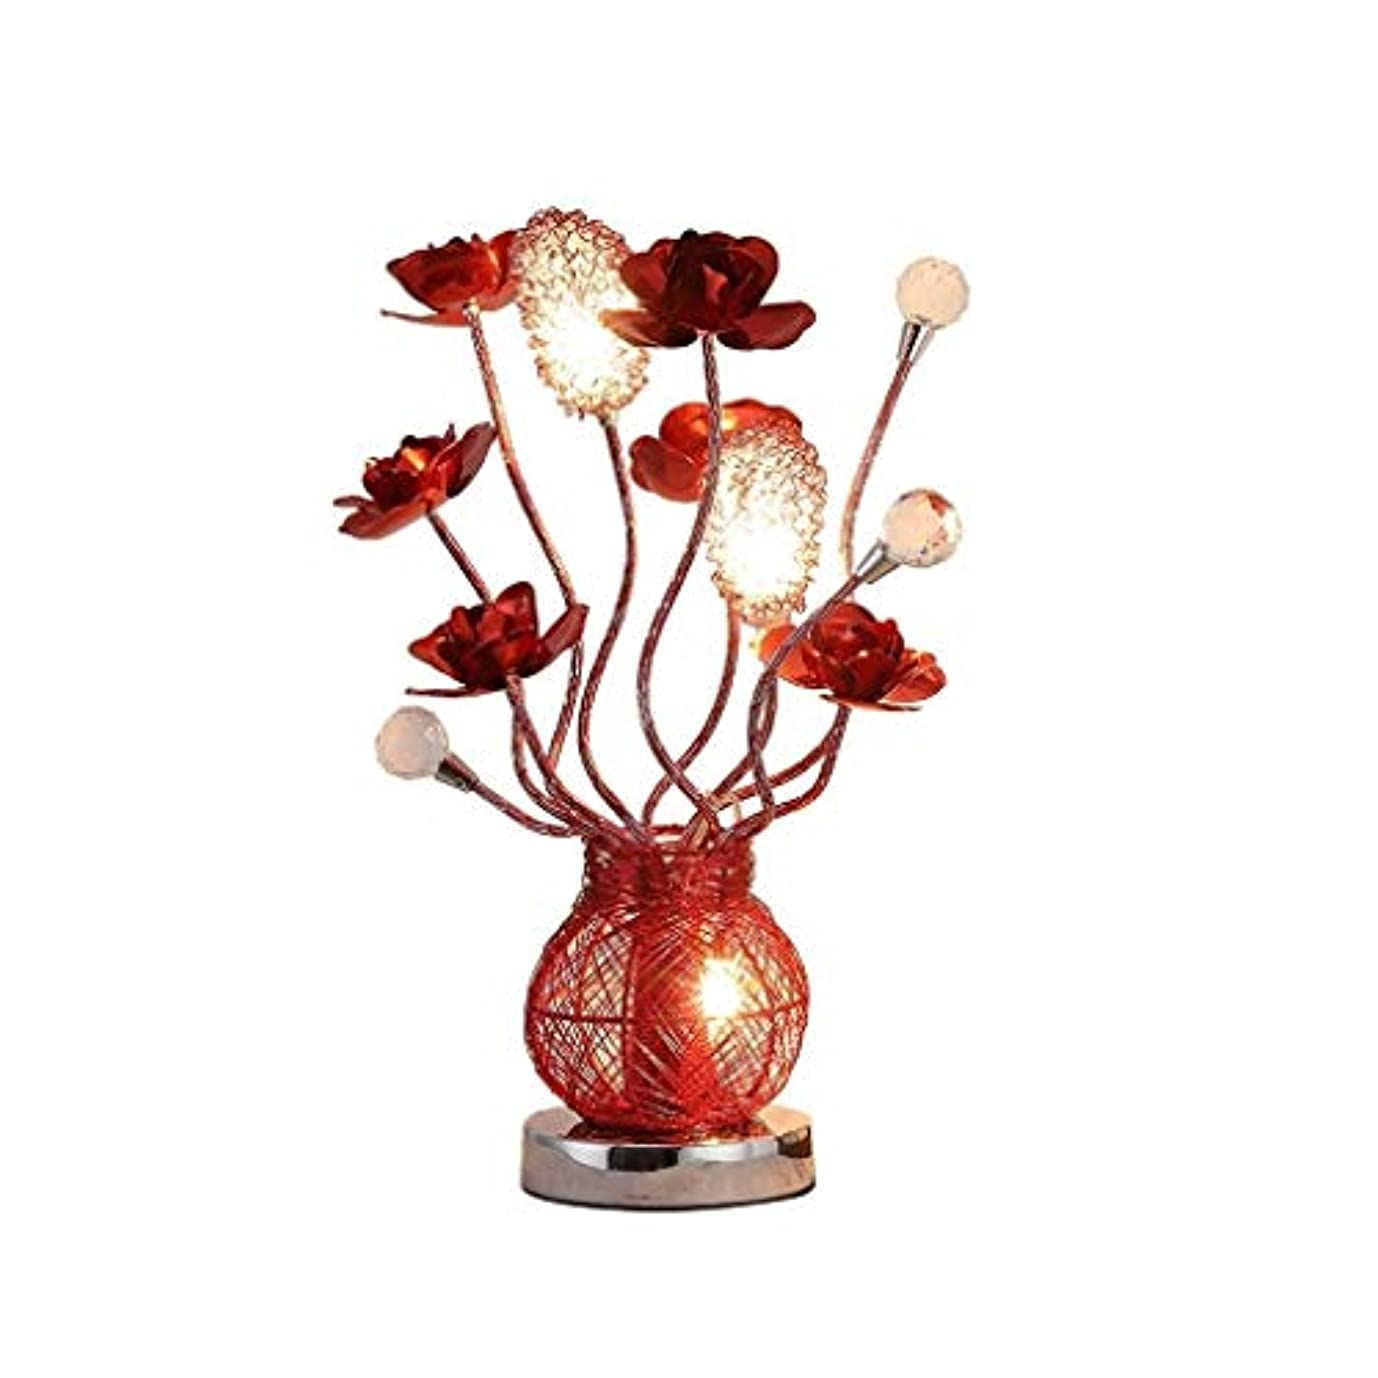 発音する彼らは予報高品質テーブルランプ 創造的な寝室のベッドサイドクリスタルテーブルランプヨーロッパの赤いバラのギフトLEDナイトライト エネルギーを節約